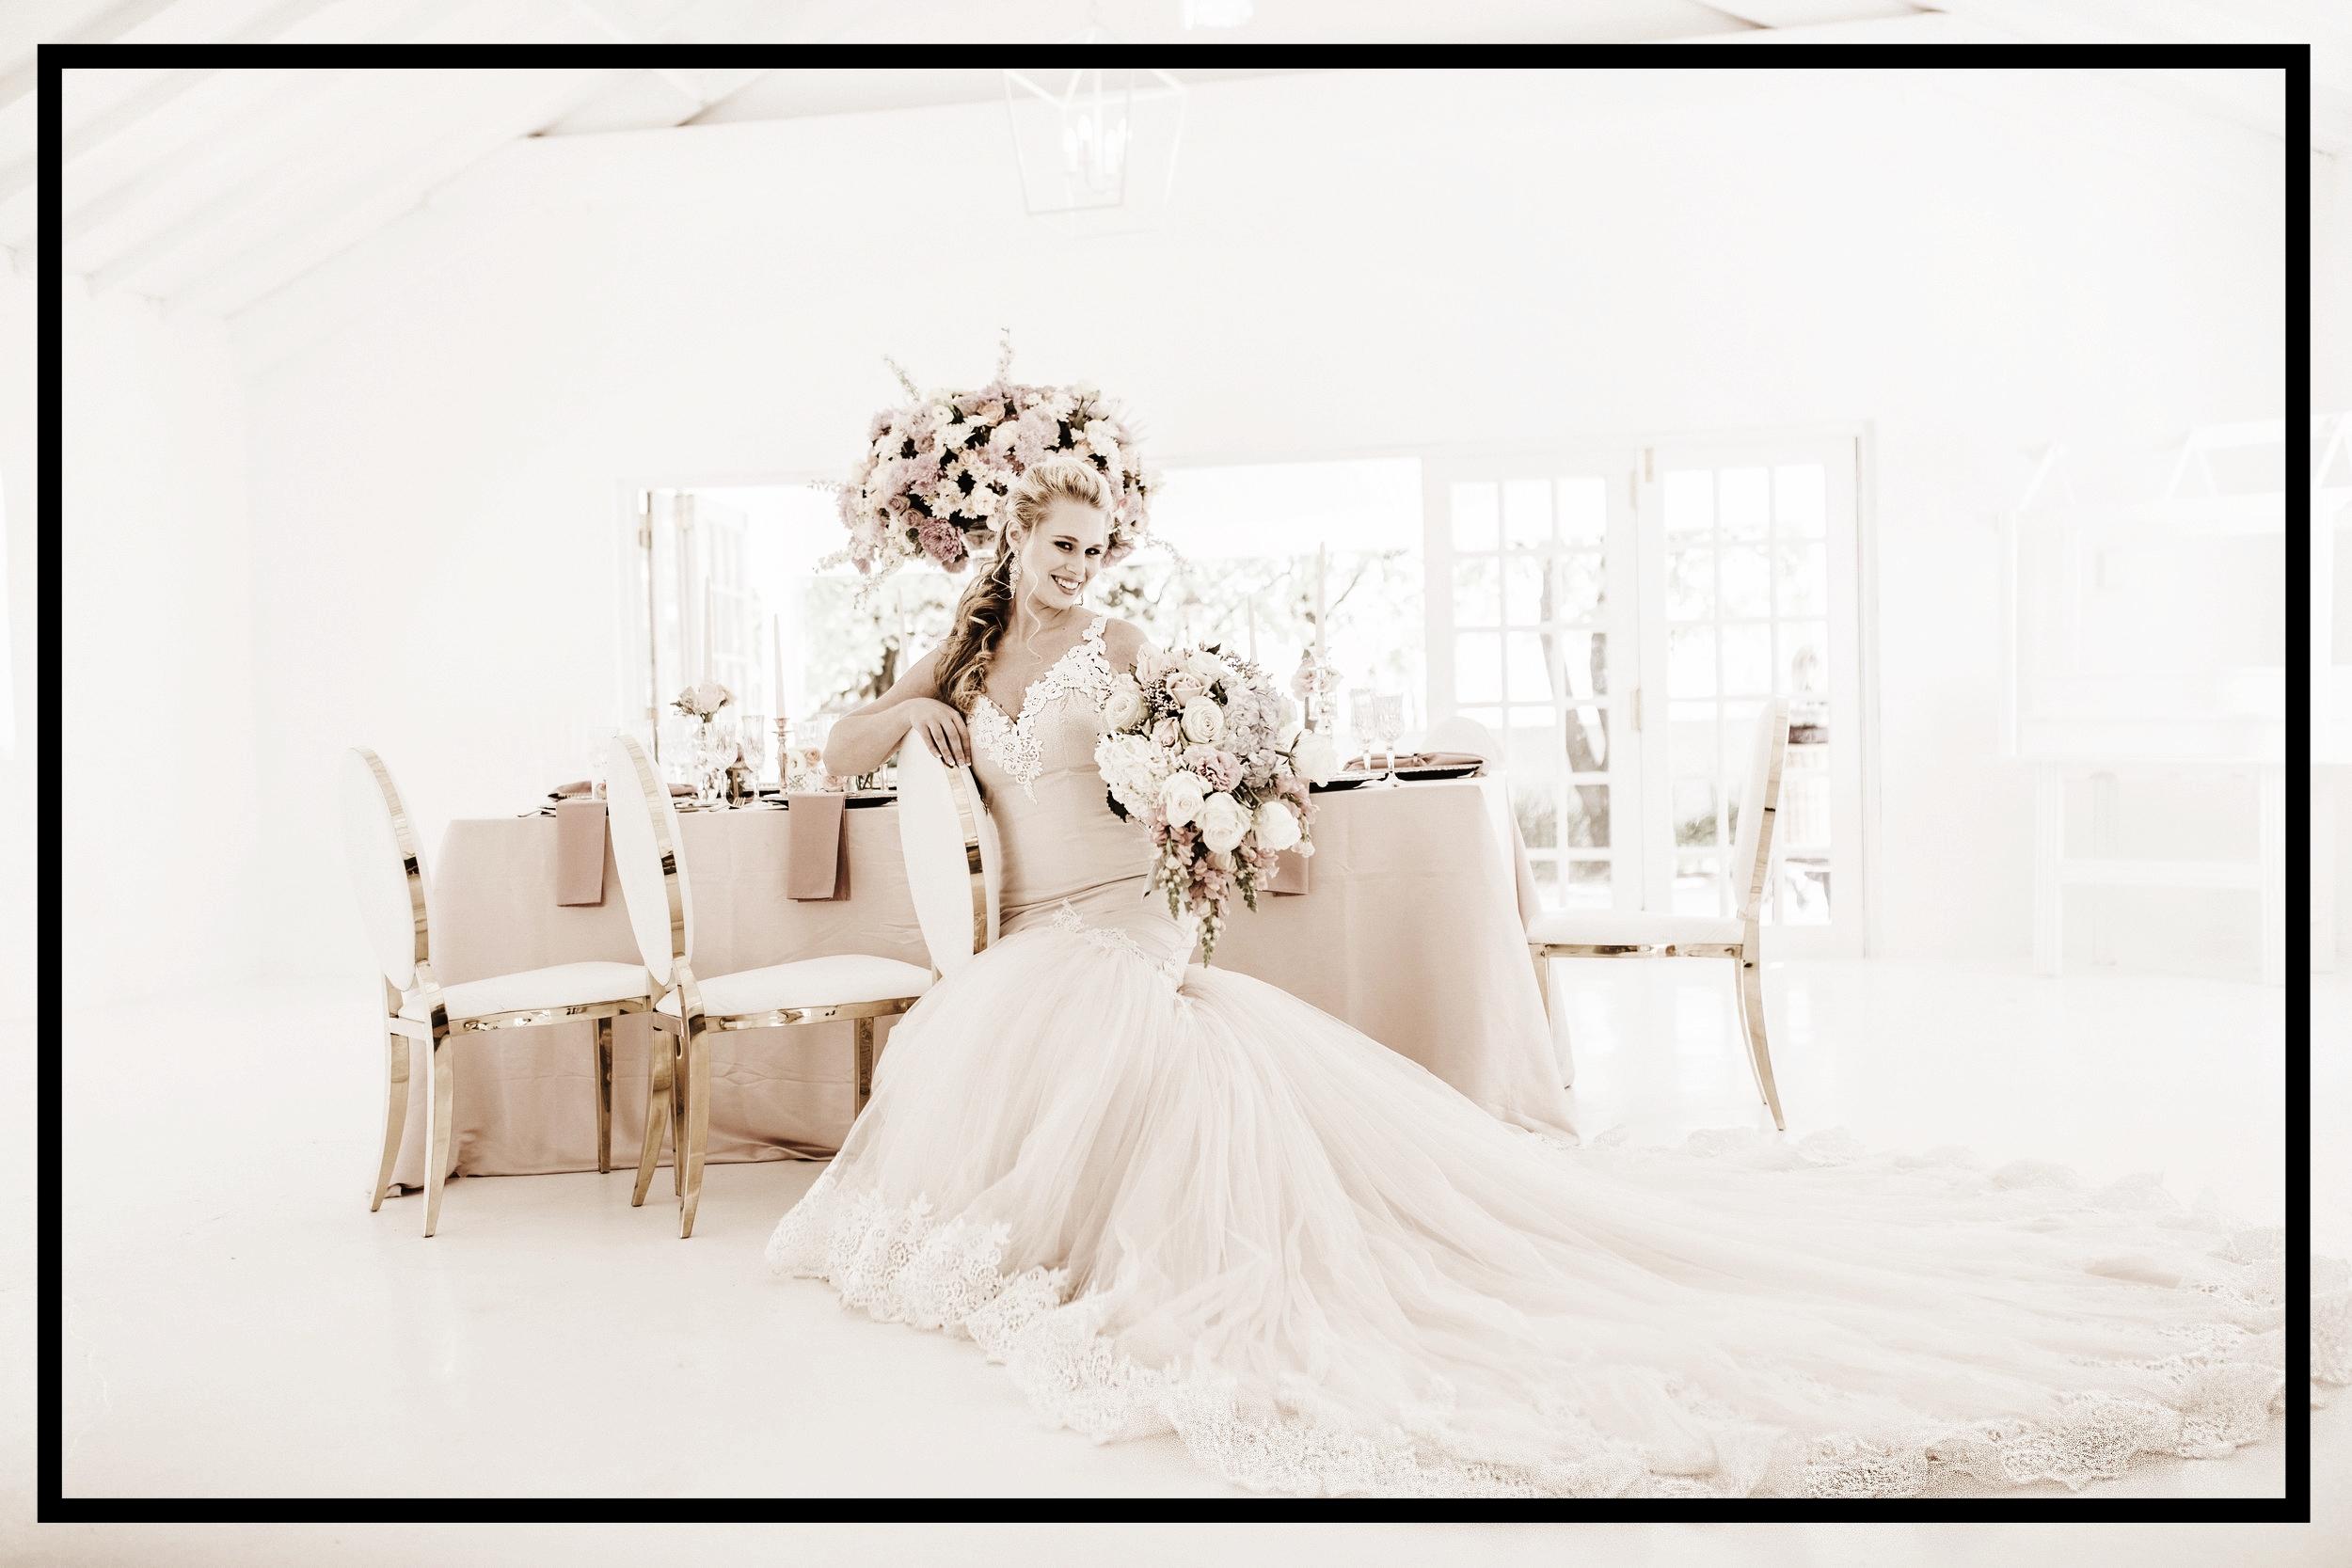 Bridal Alchemy - Tamzin-15.jpg